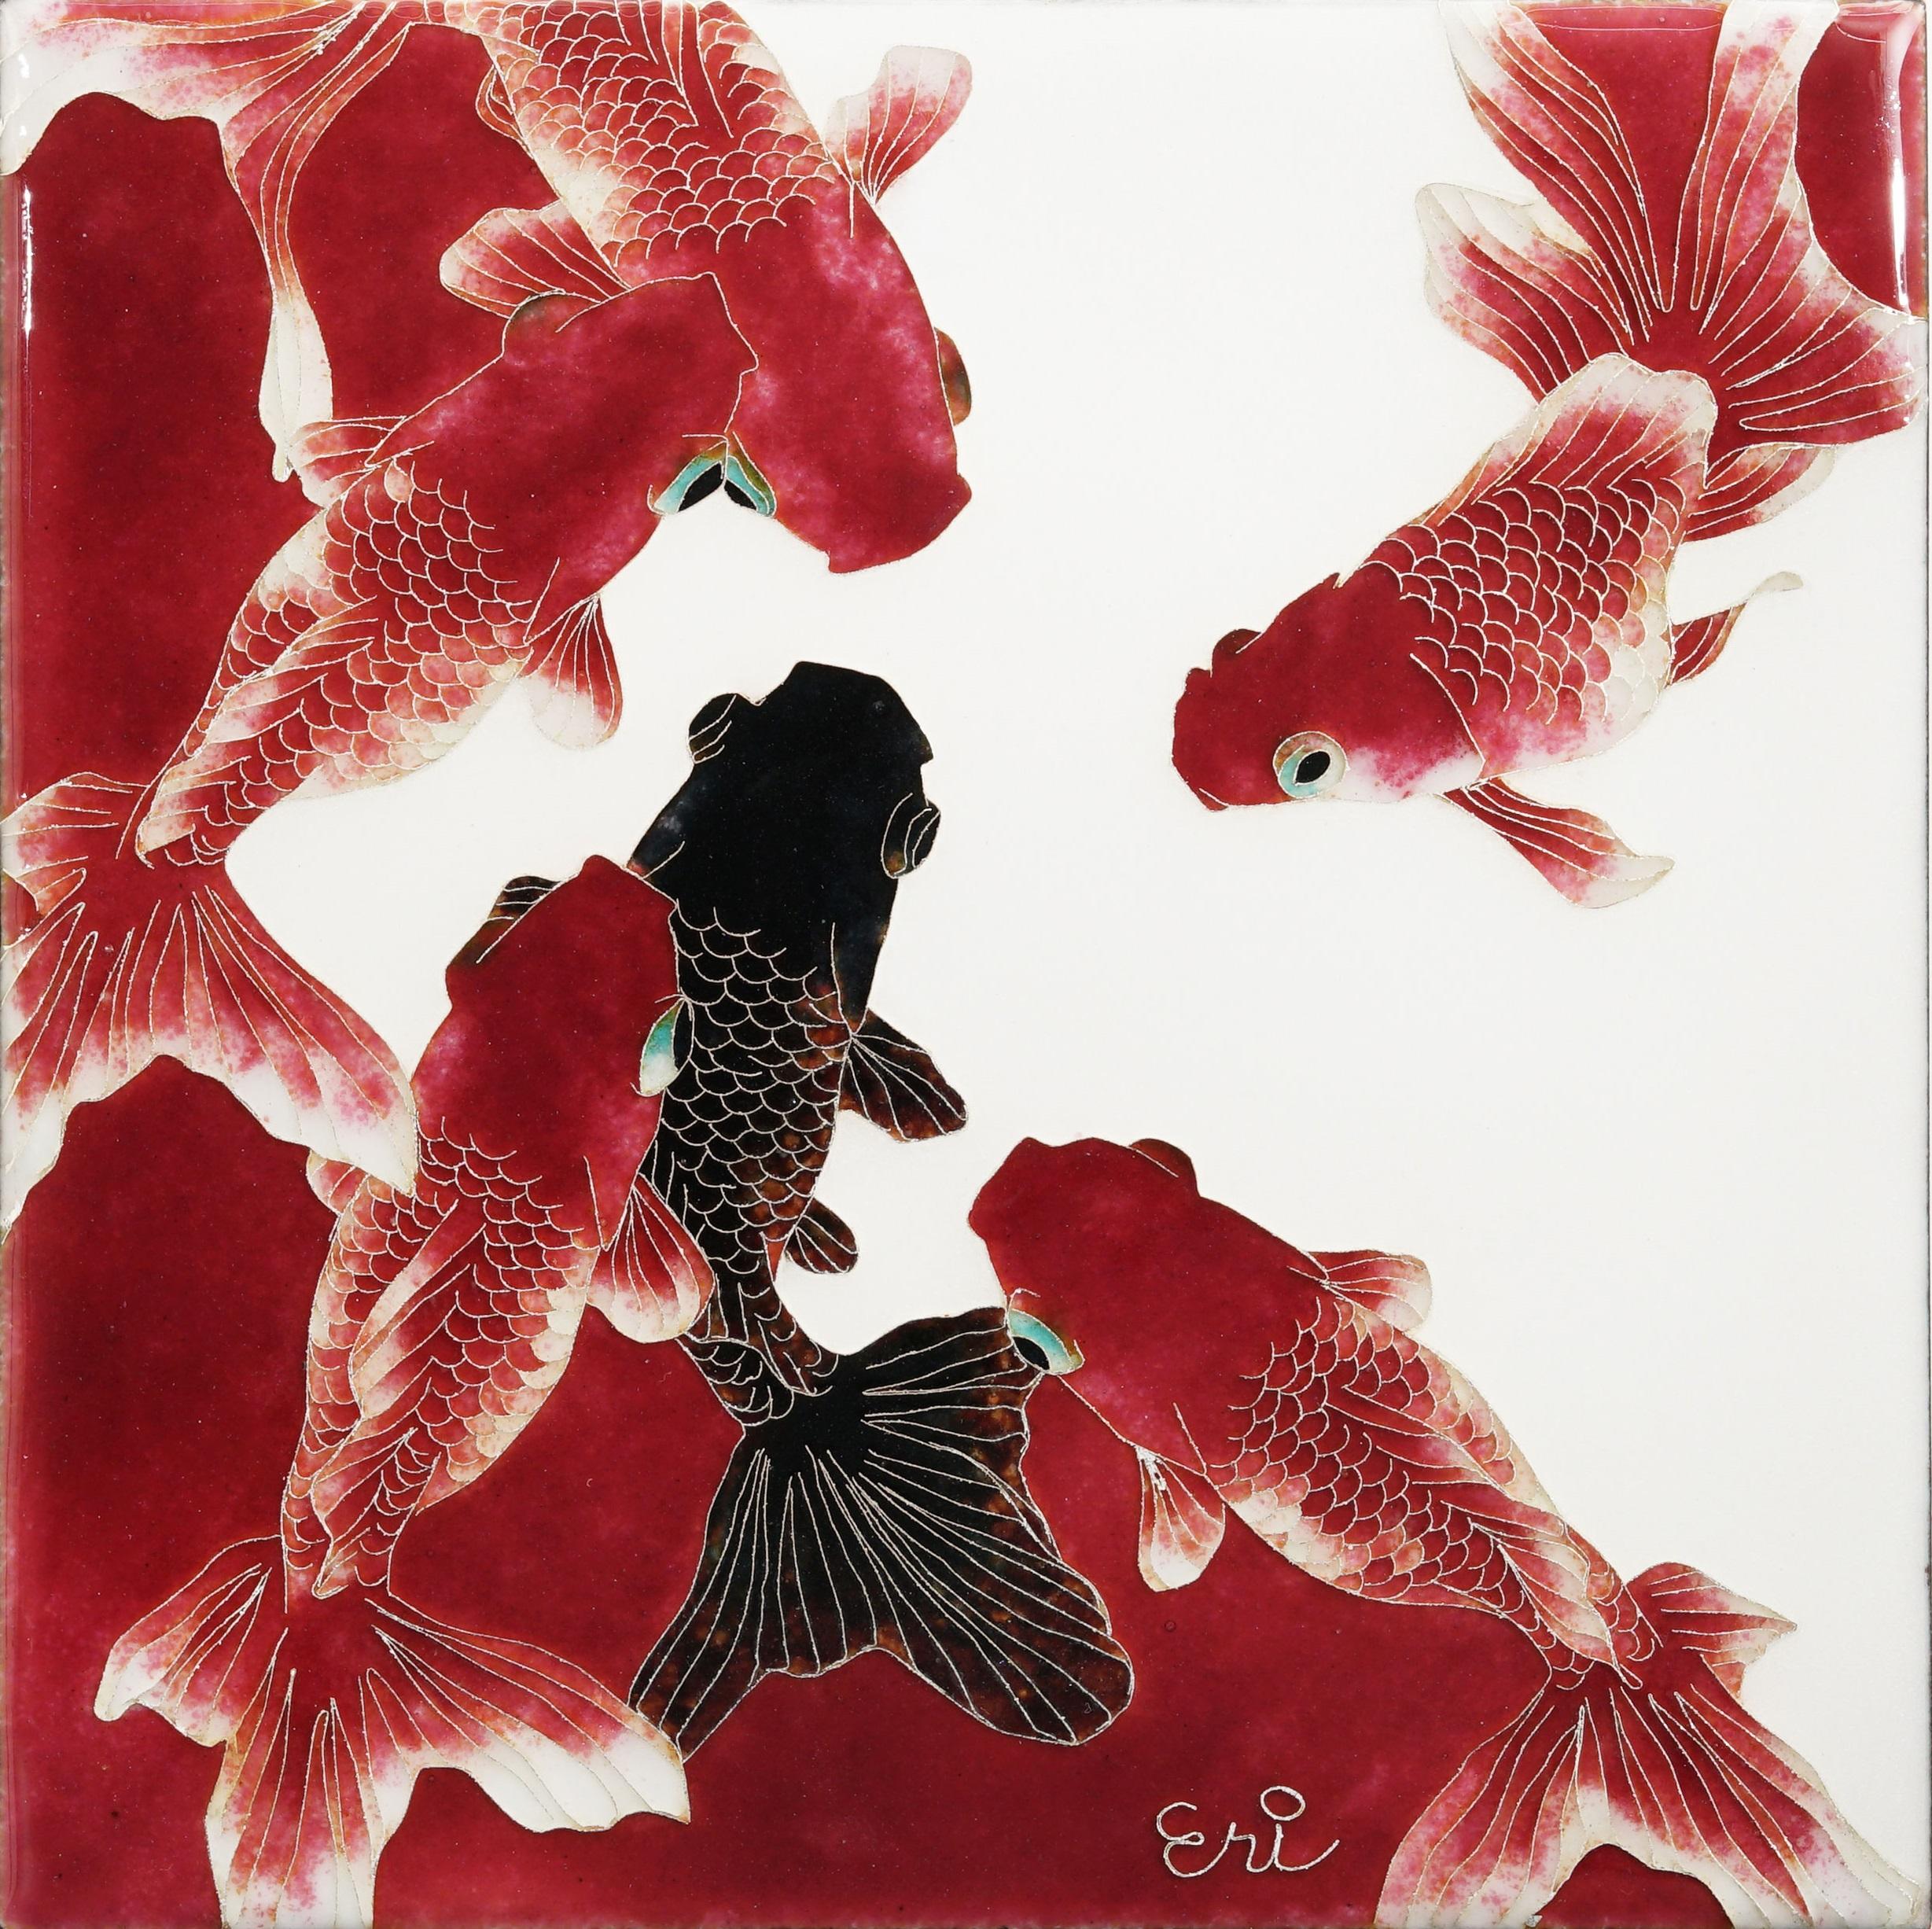 村中恵理「赤々に黒ー琉金ー」2021年、120×120mm、有線七宝(銅板、銀線、七宝釉)